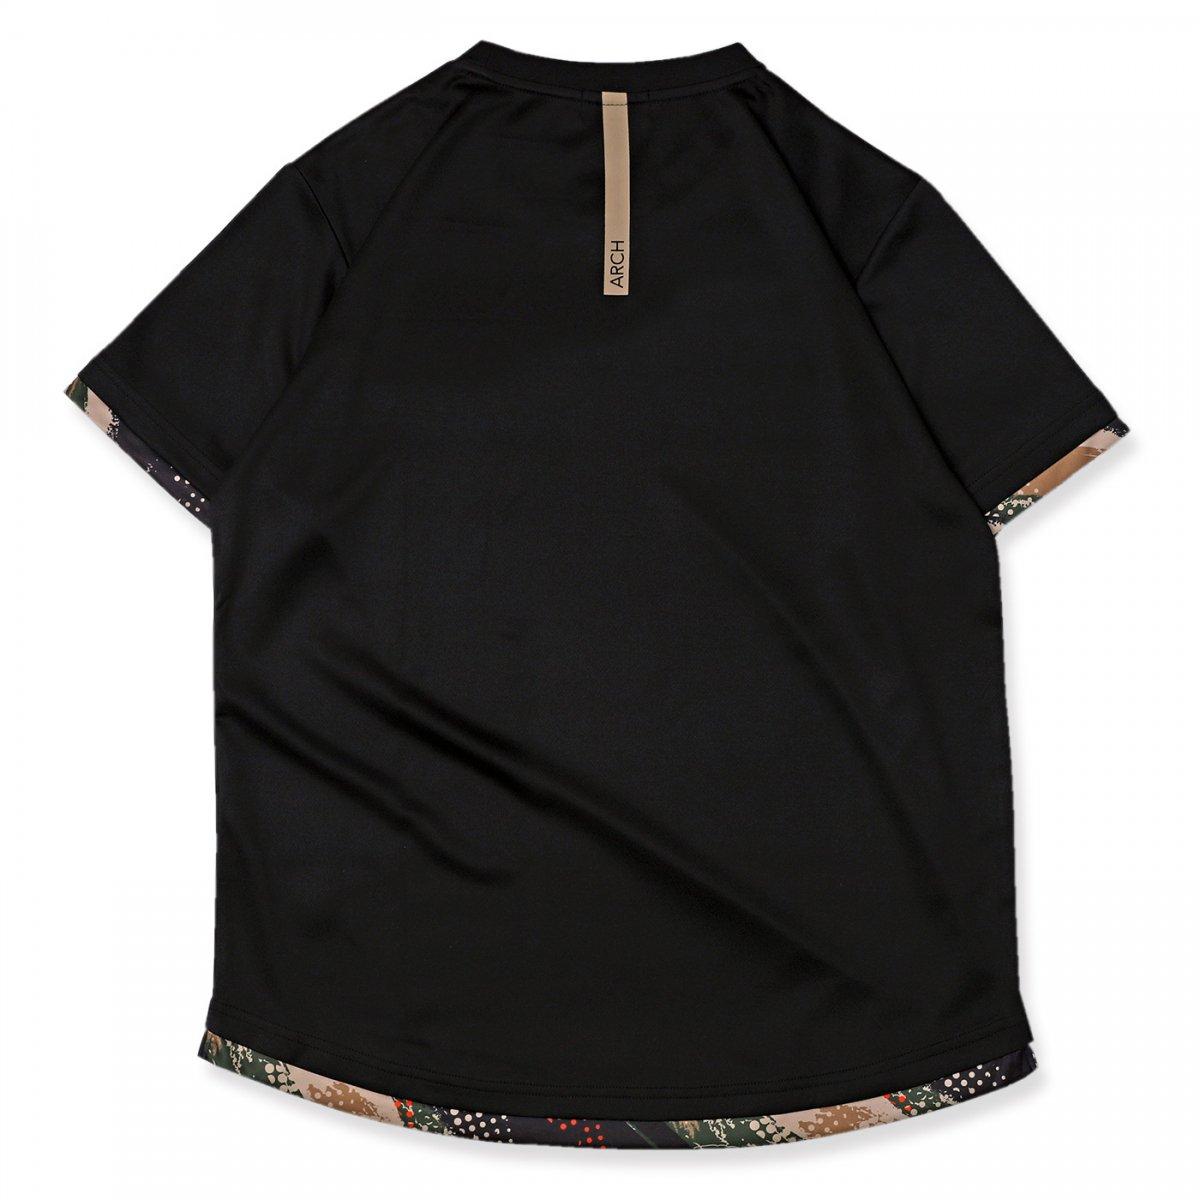 アップドラフト Tシャツ ブラック/ベージュ